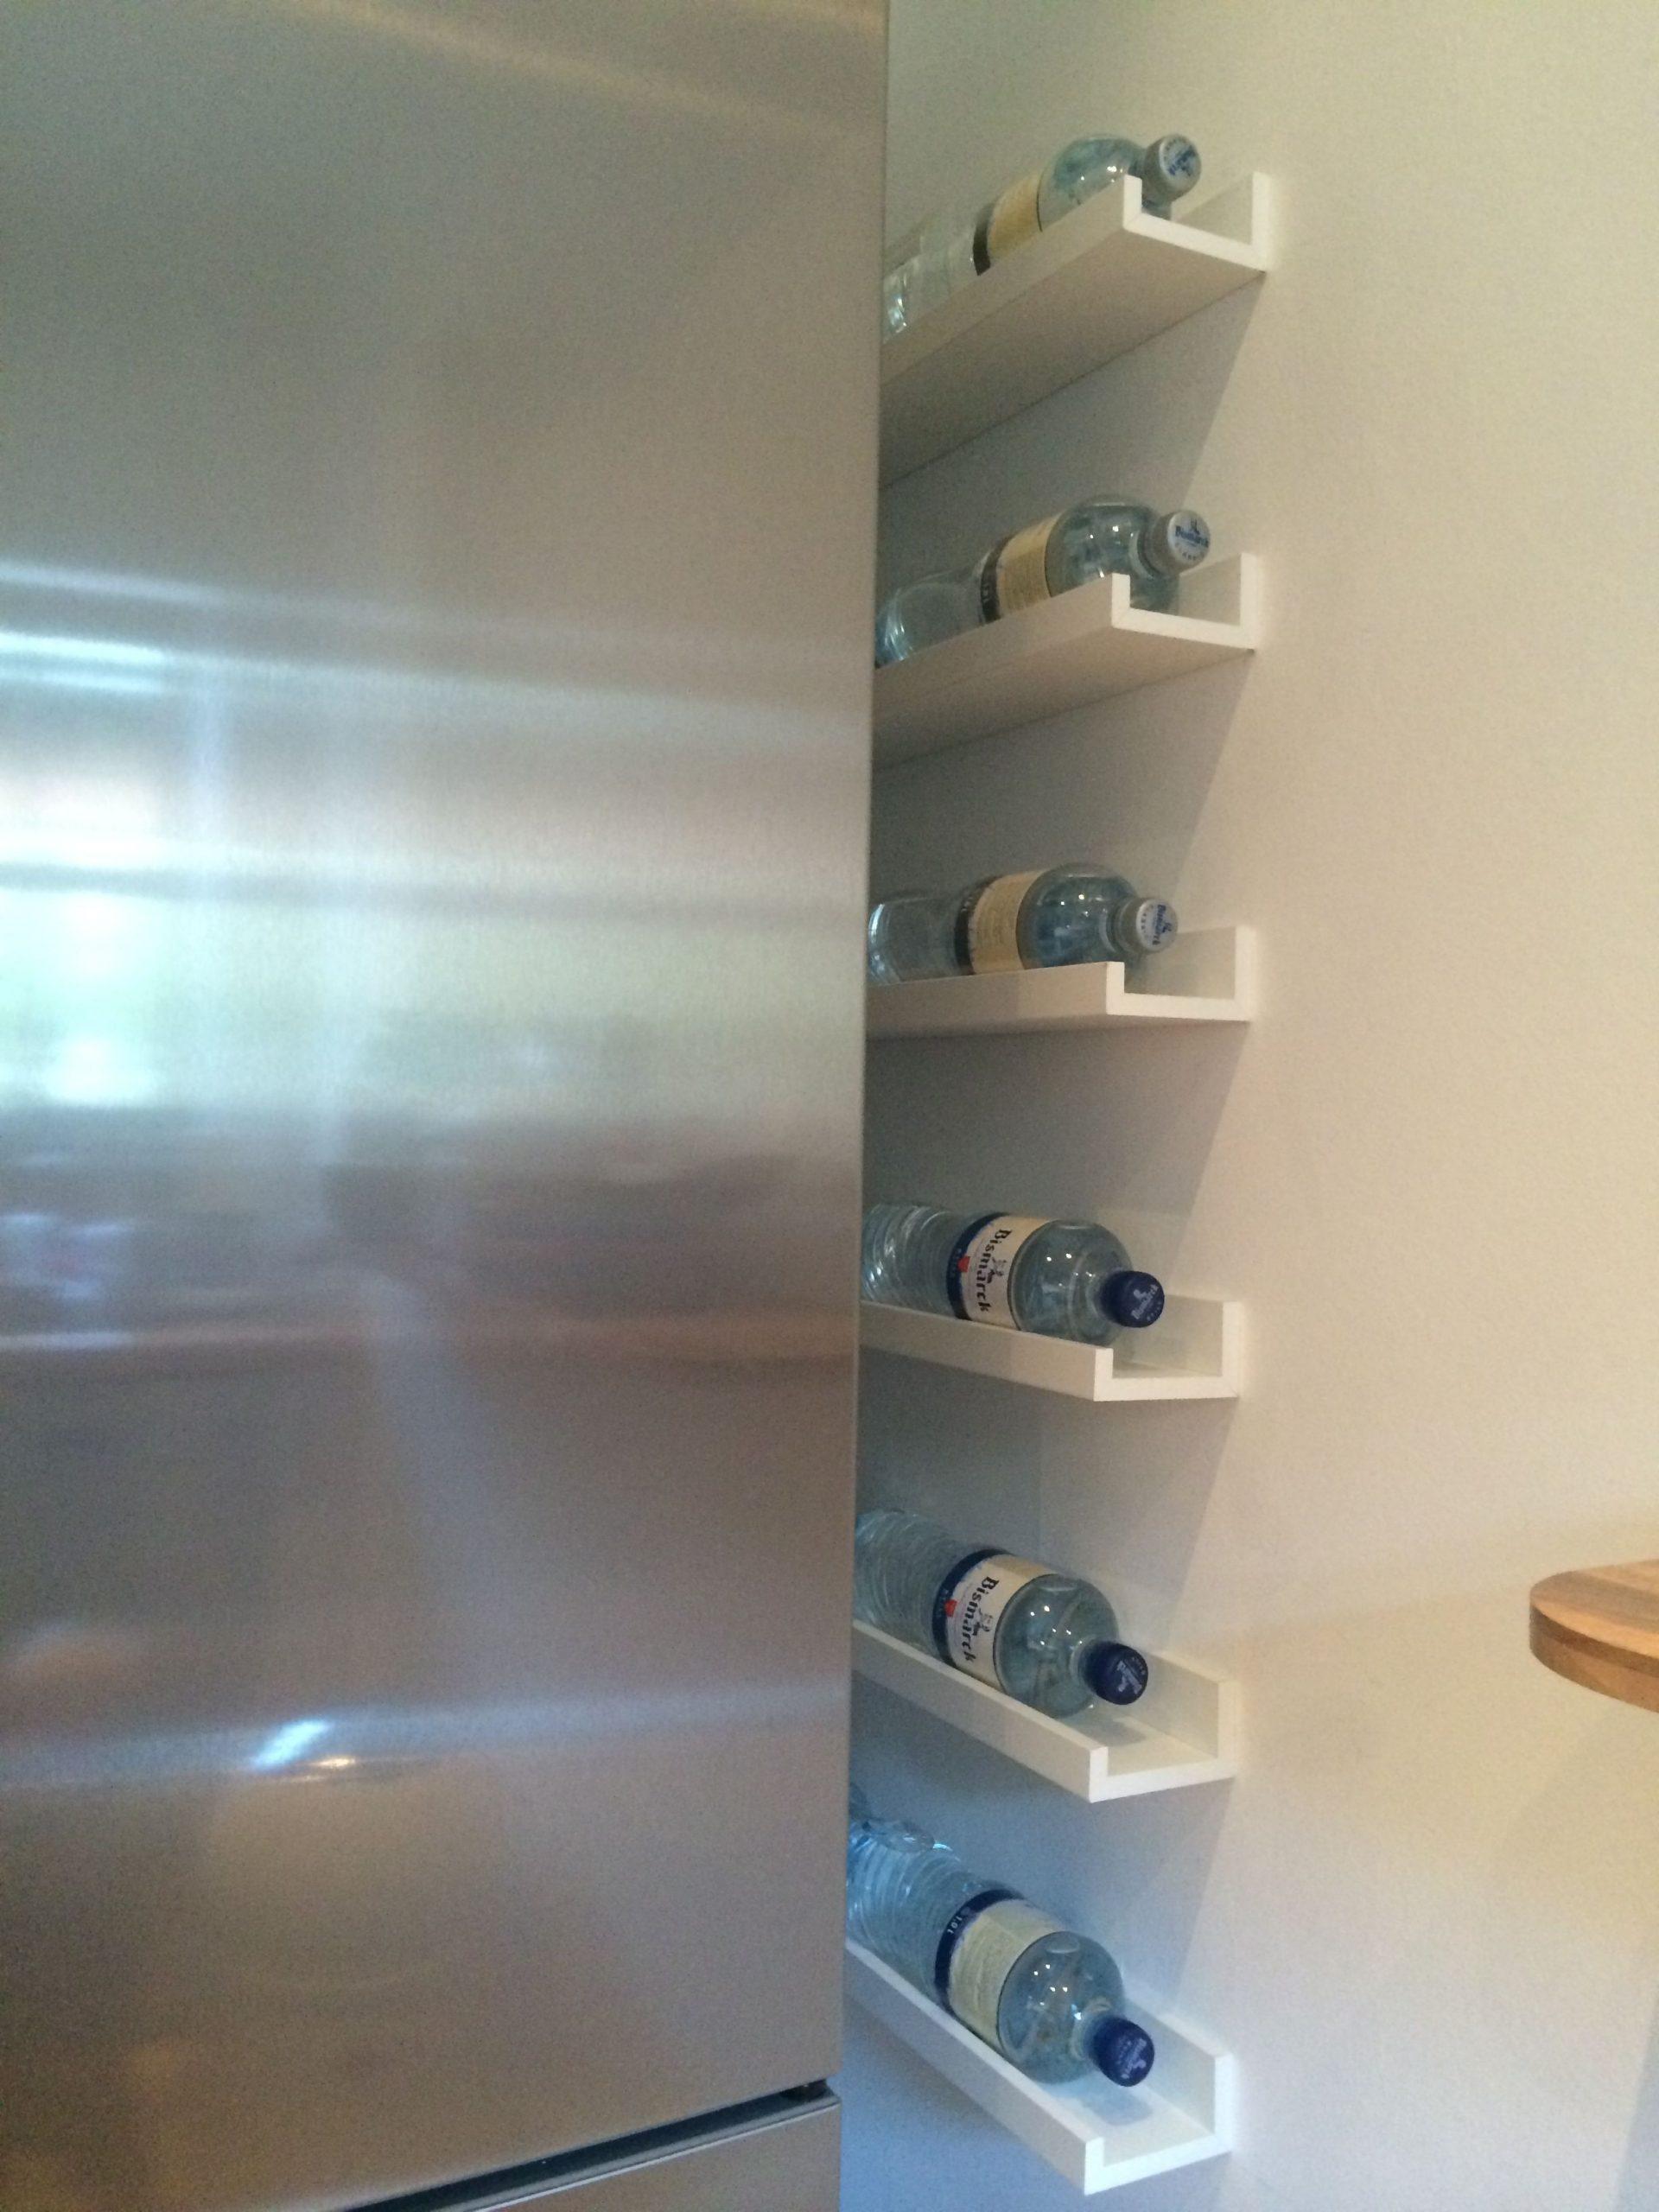 Full Size of Wandregal Küche Ikea Flaschenregal Kche Bild Leiste Mit Theke Einbauküche Gebraucht Beistelltisch Tapete Modern Fliesenspiegel Glas Selbst Zusammenstellen Wohnzimmer Wandregal Küche Ikea